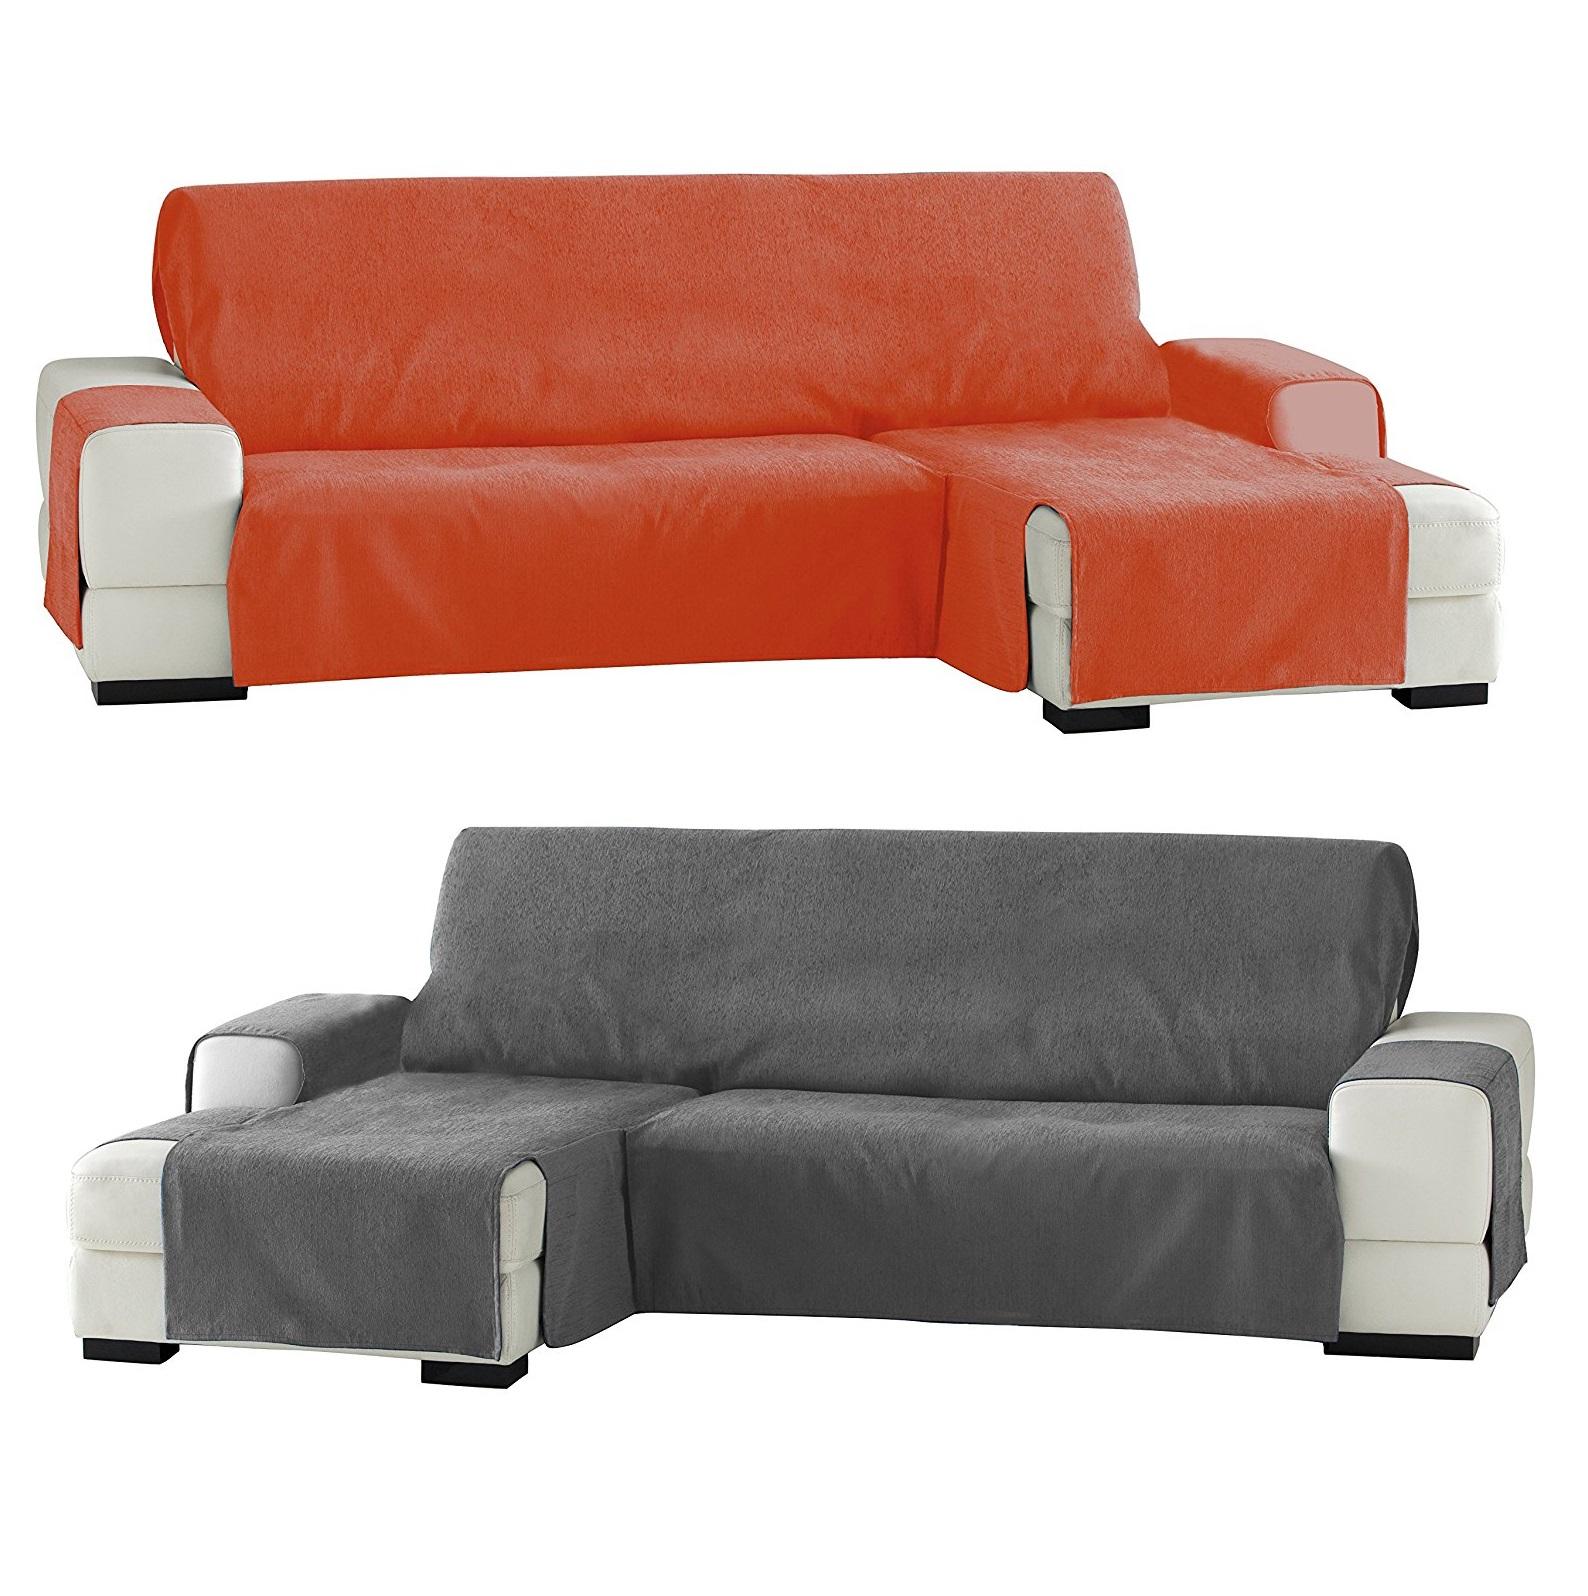 Fundas para sofa con cheslong great funda cubre sof dual quilt eysa with fundas para sofa con - Fundas para cheslong ...